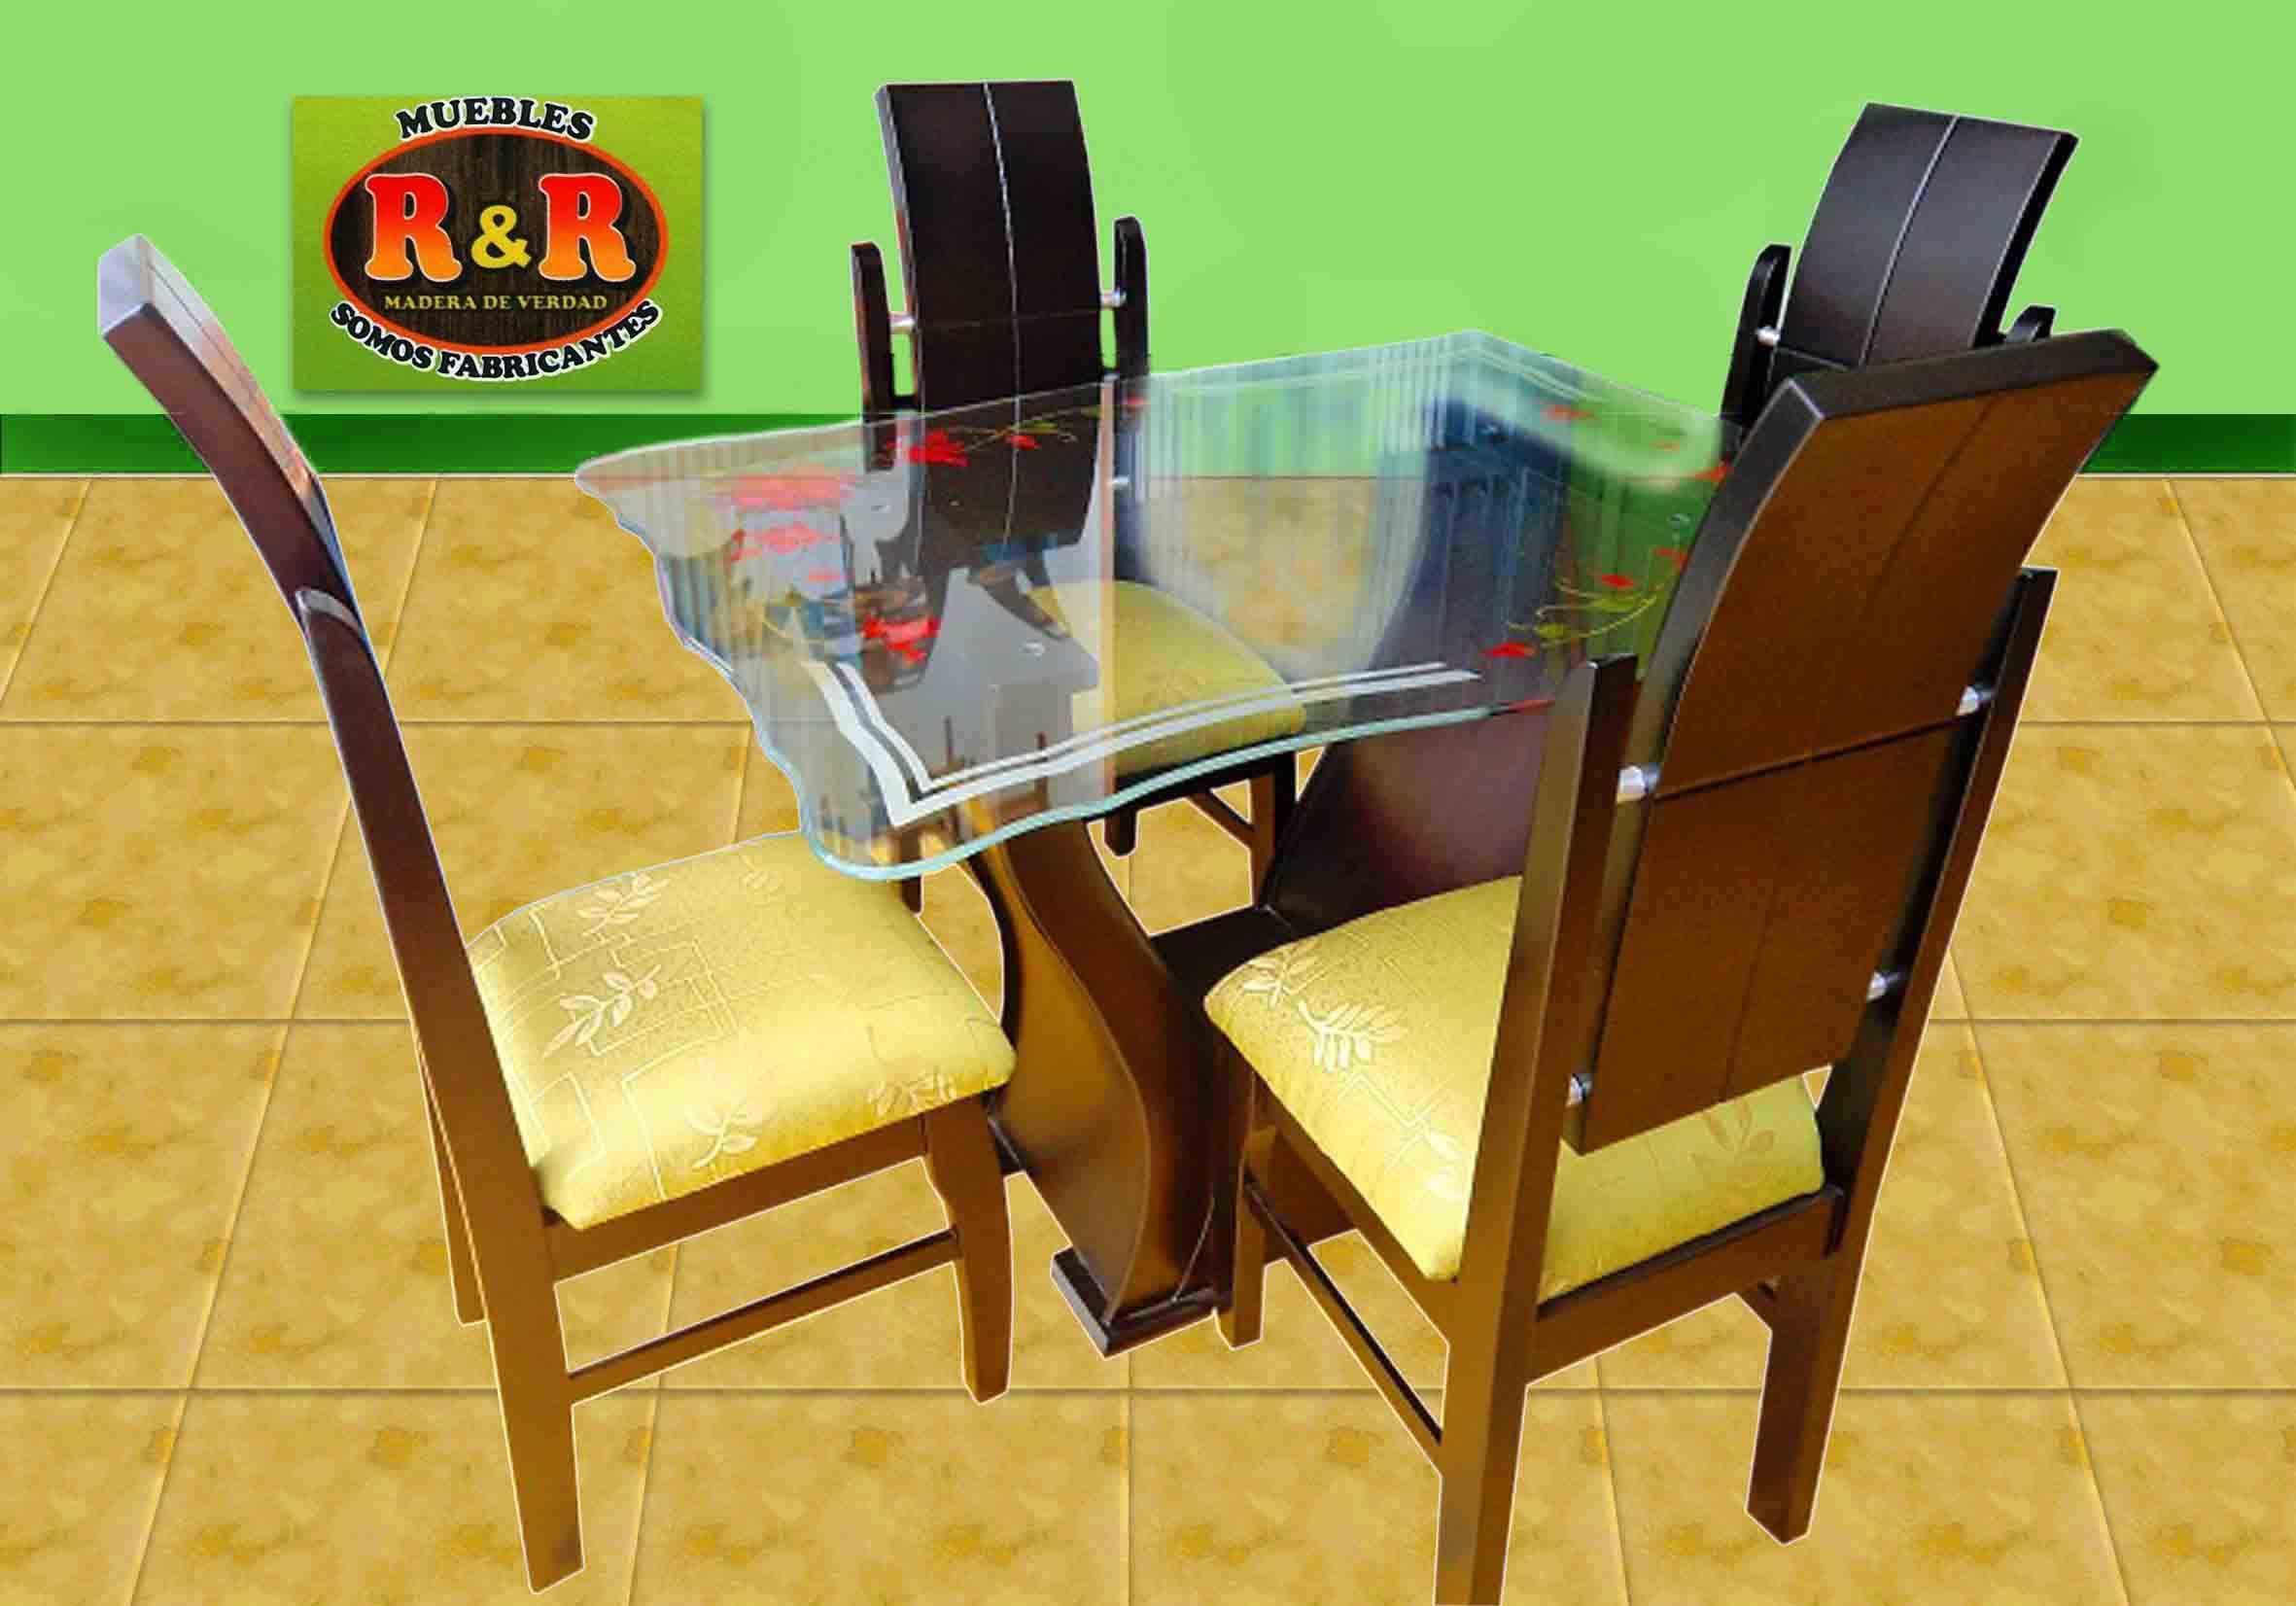 Muebles r r amarillas de colombia co el directorio for Muebles munoz santa marta